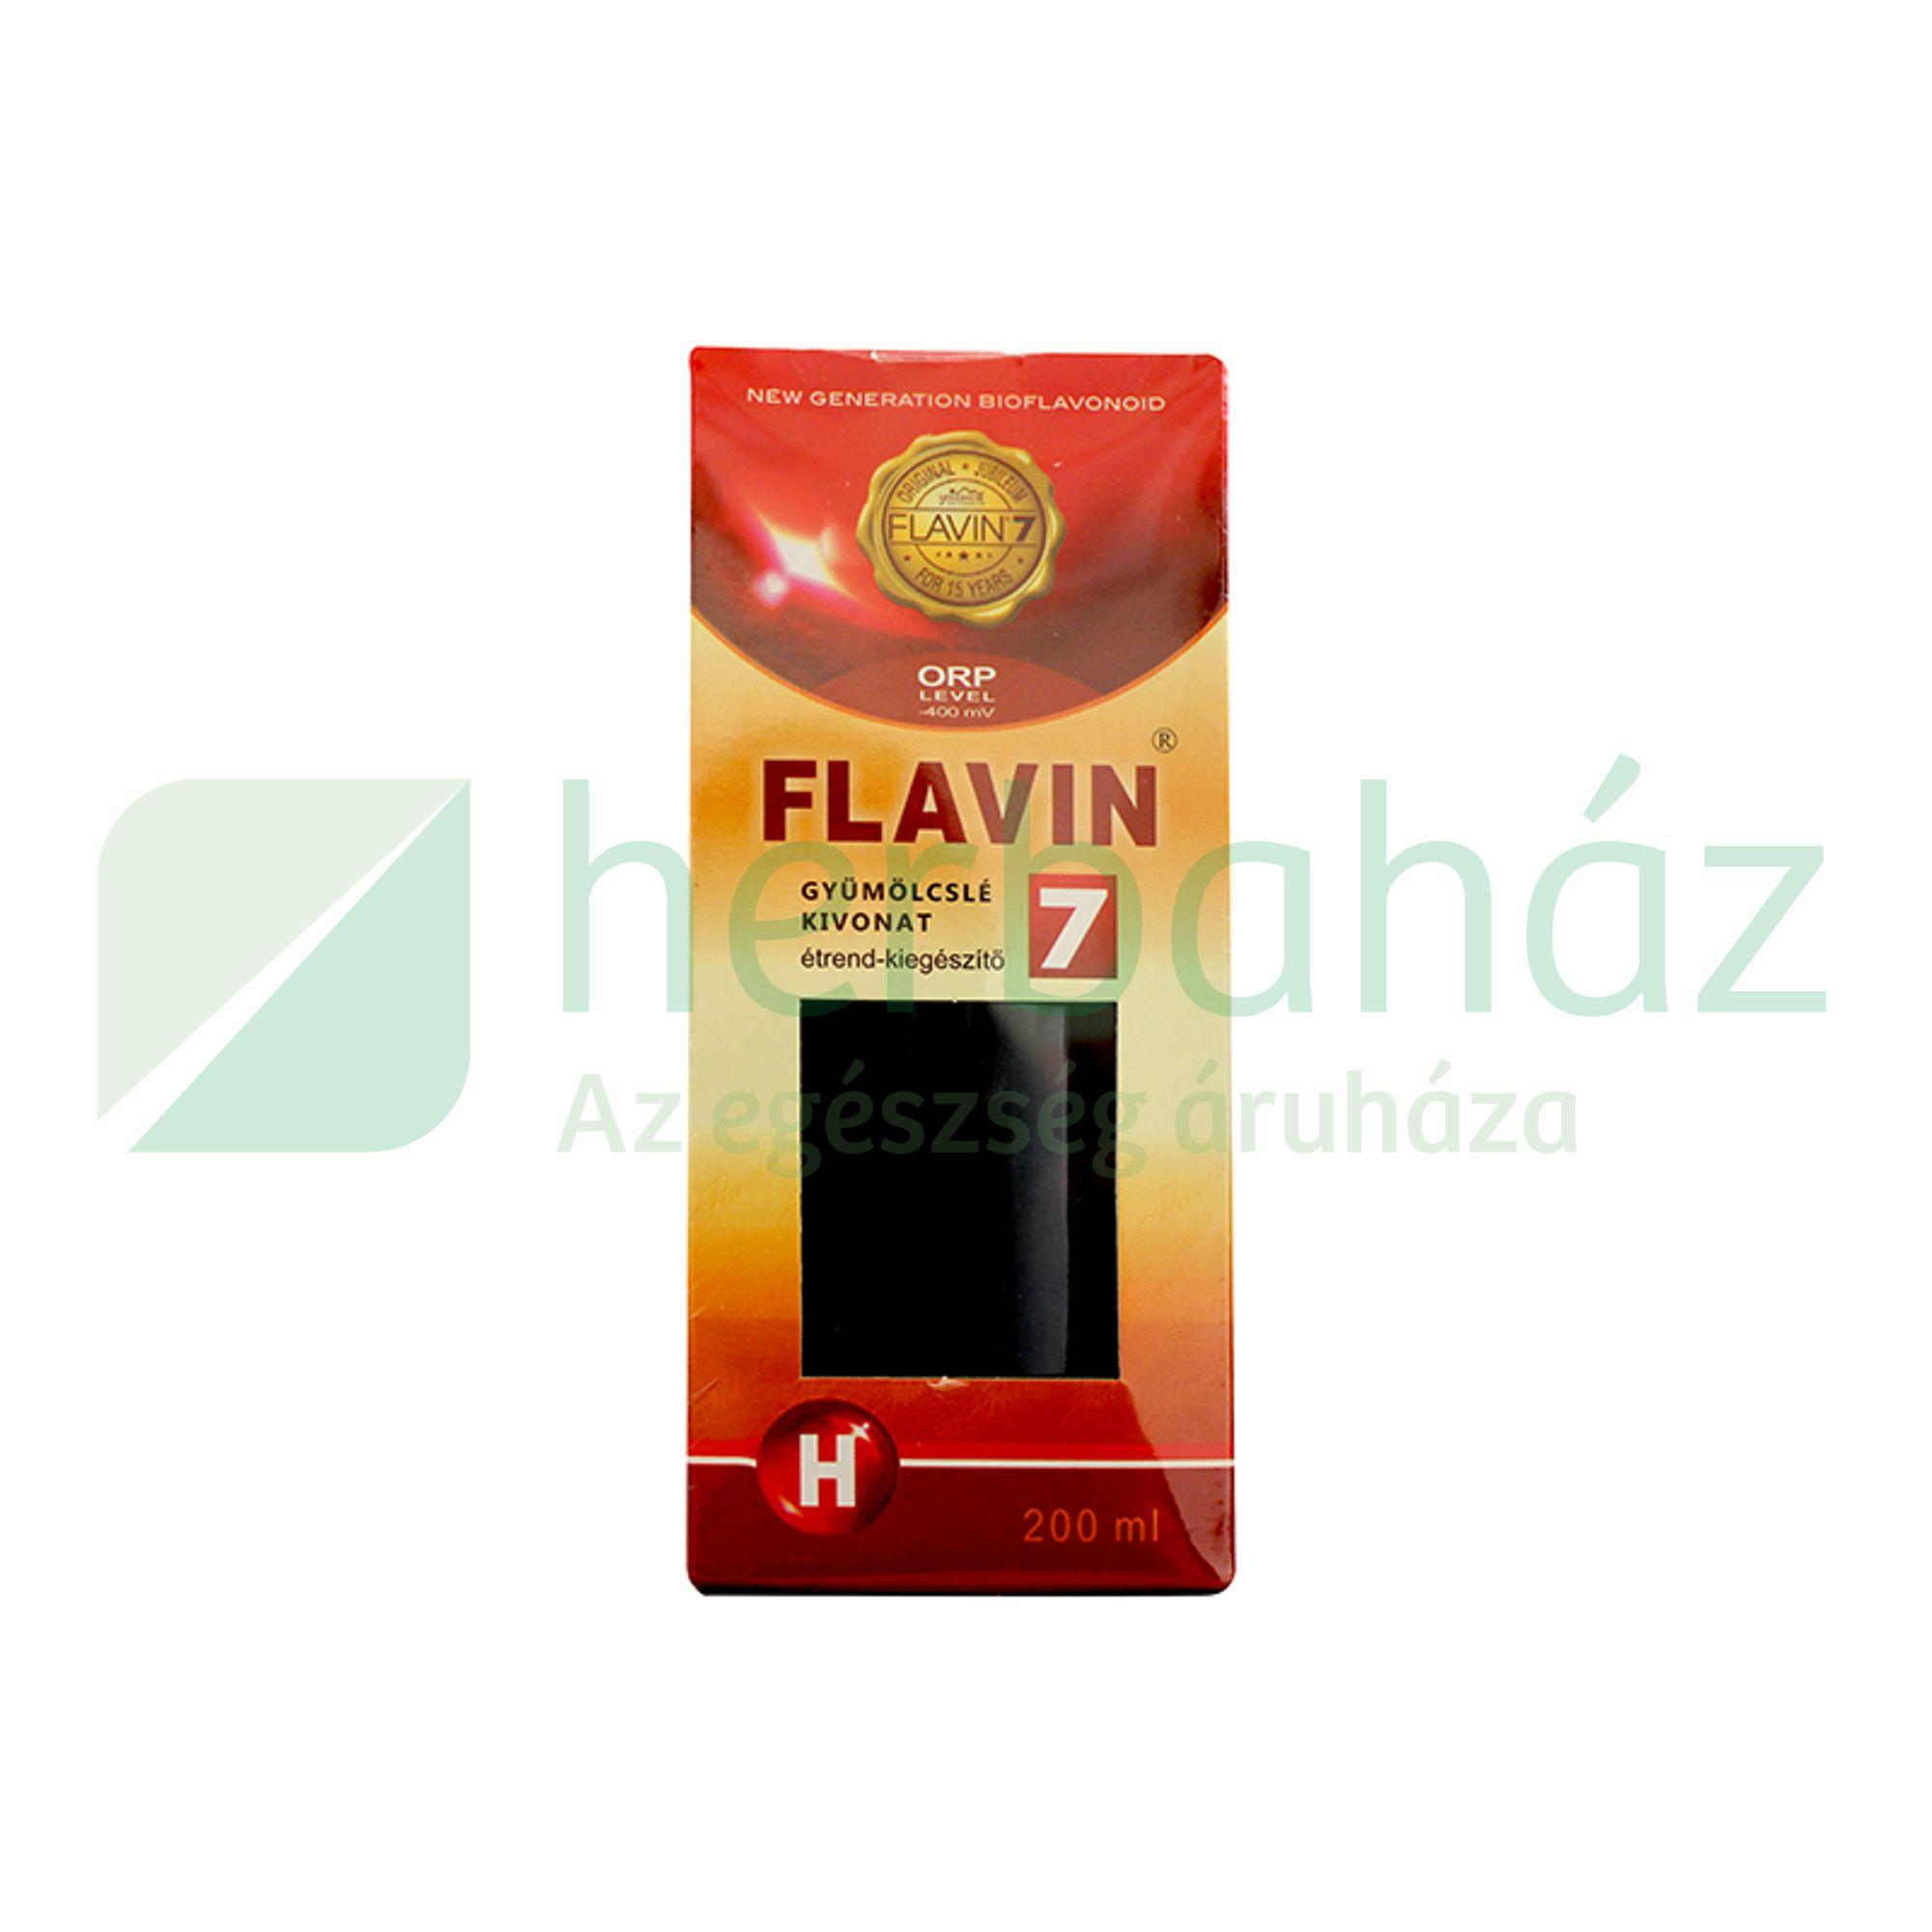 FLAVIN 7 GYÜMÖLCSLÉ KIVONAT 200ML